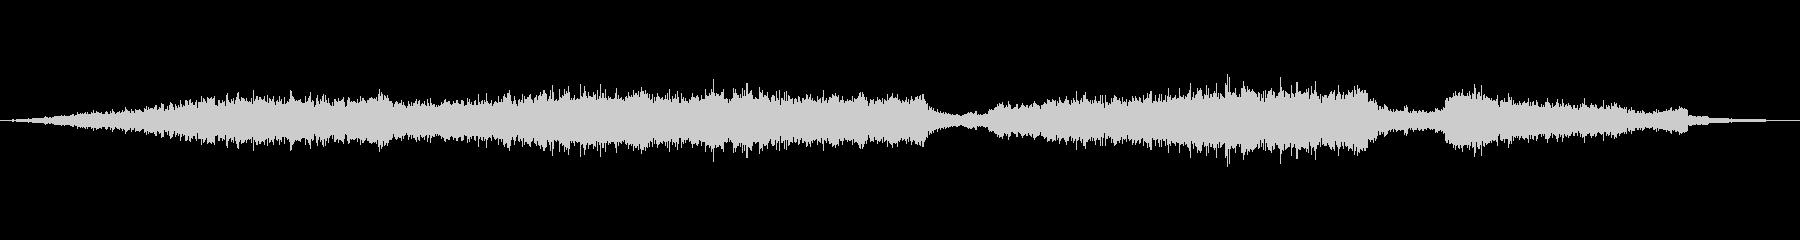 アイルランドのサウンドデザインパッ...の未再生の波形